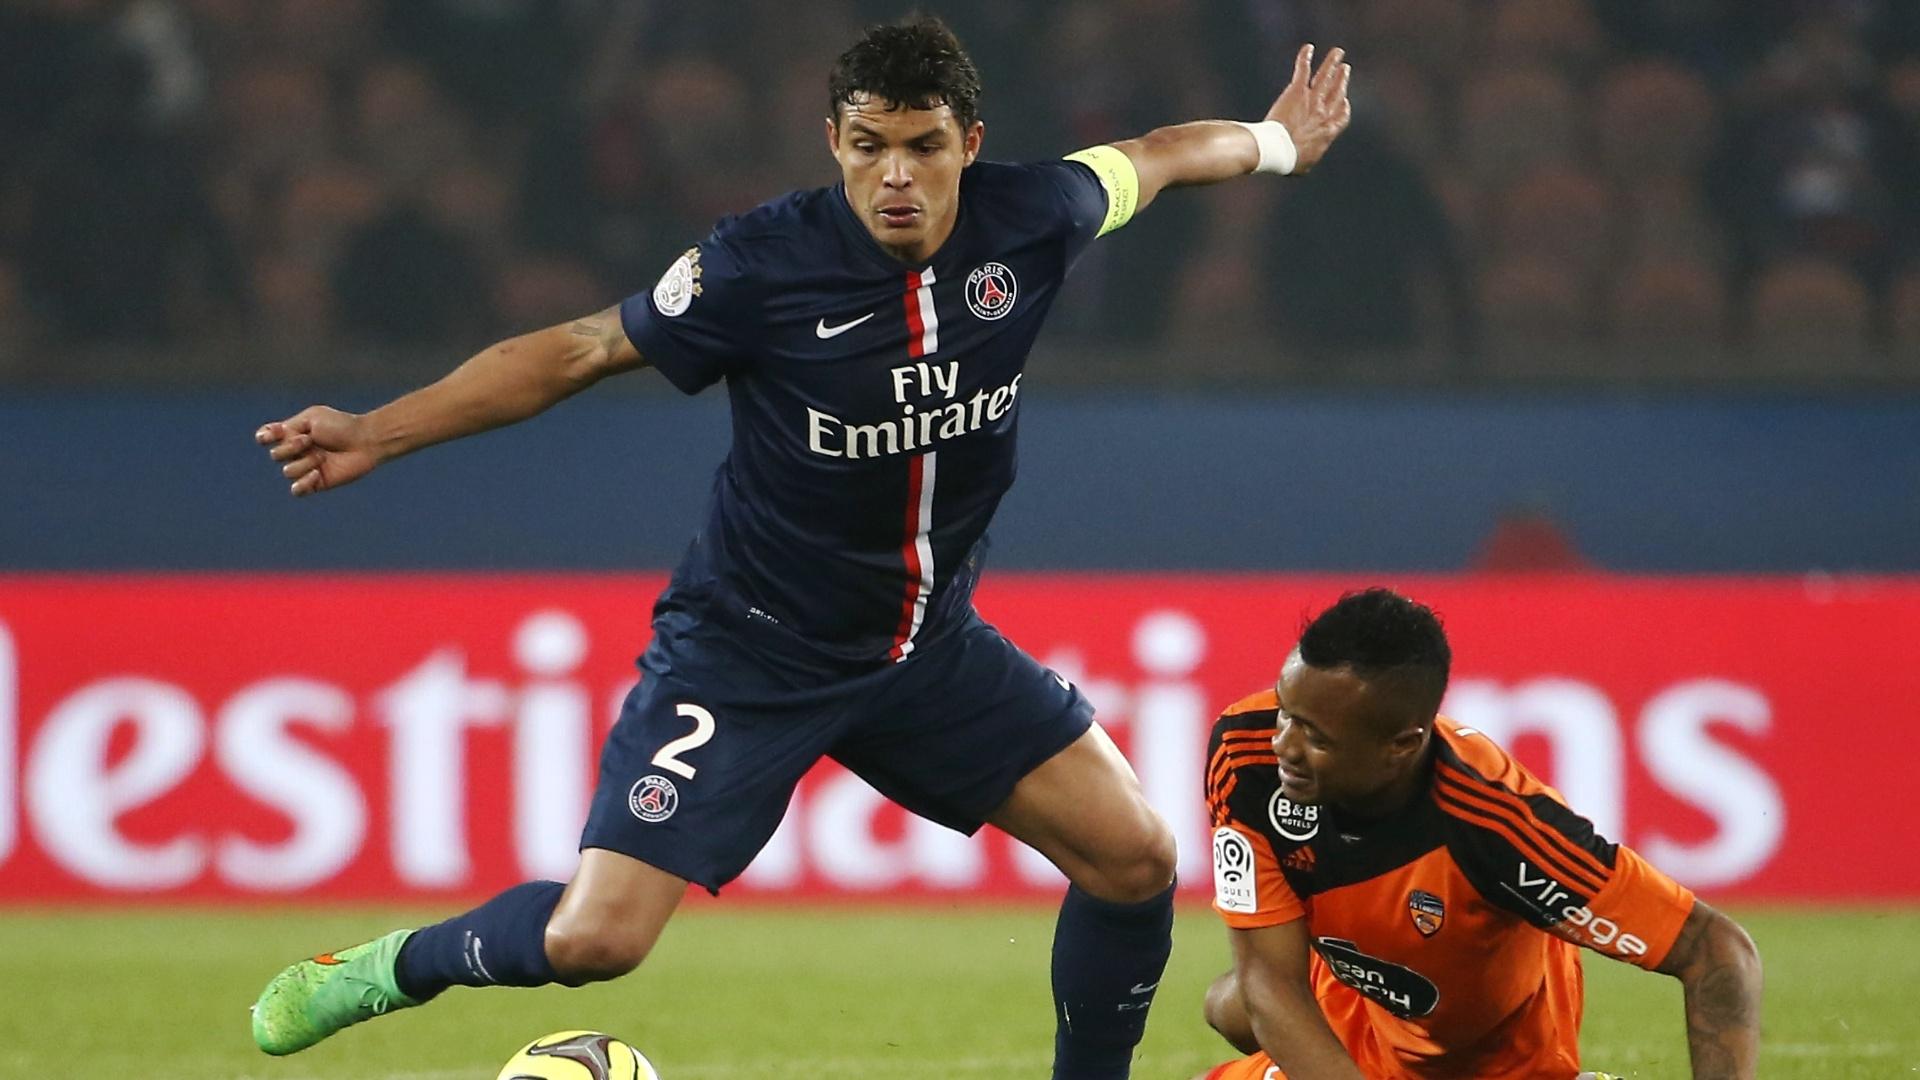 Thiago Silva, zagueiro do PSG, domina a bola sob o olhar de Jordan Ayew, do Lorient, em jogo do Campeonato Francês